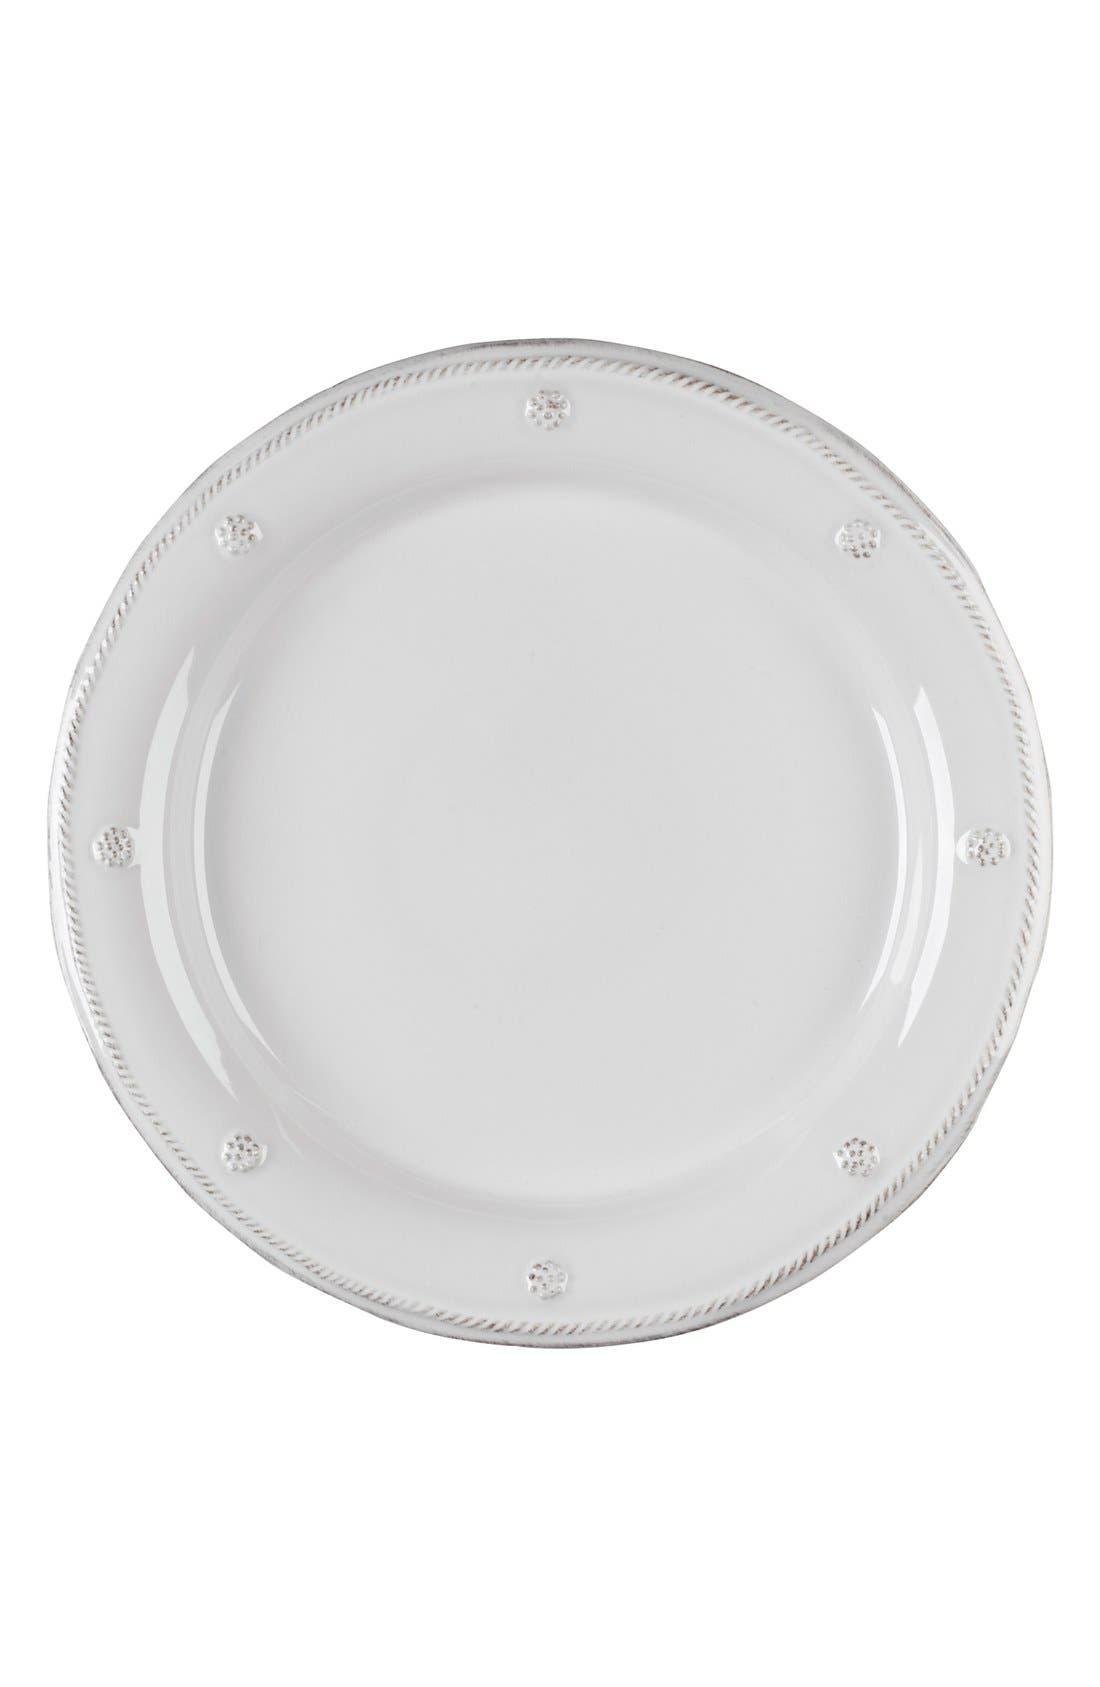 Main Image - Juliska \u0027Berry and Thread\u0027 Dinner Plate  sc 1 st  Nordstrom & Juliska \u0027Berry and Thread\u0027 Dinner Plate | Nordstrom